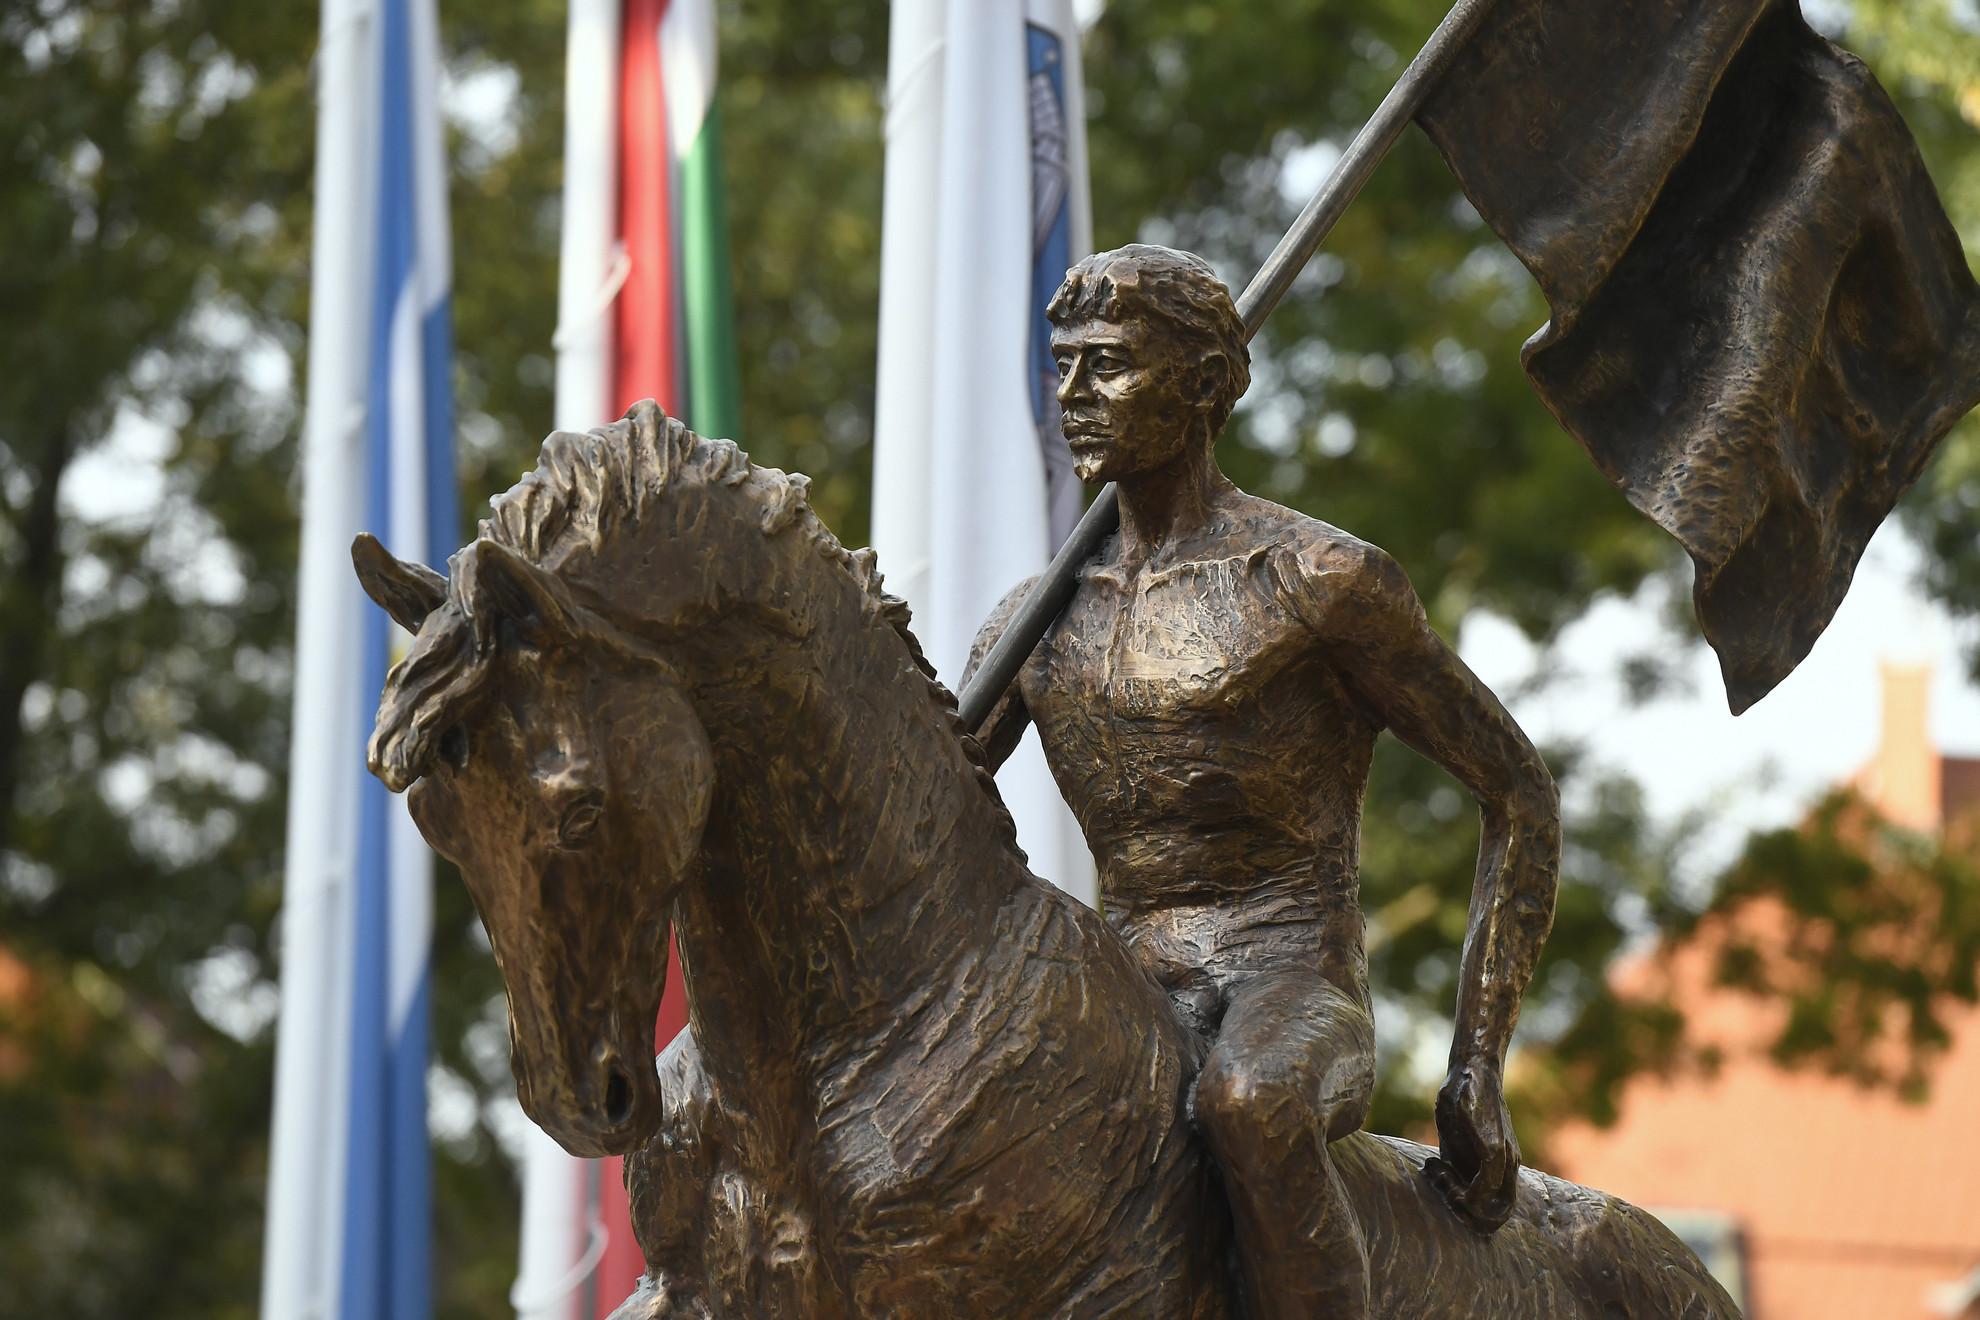 Czetz János honvédtábornok lovas szobra Békásmegyeren, a Lékai bíboros téren az avatóünnepség napján, 2019. október 4-én